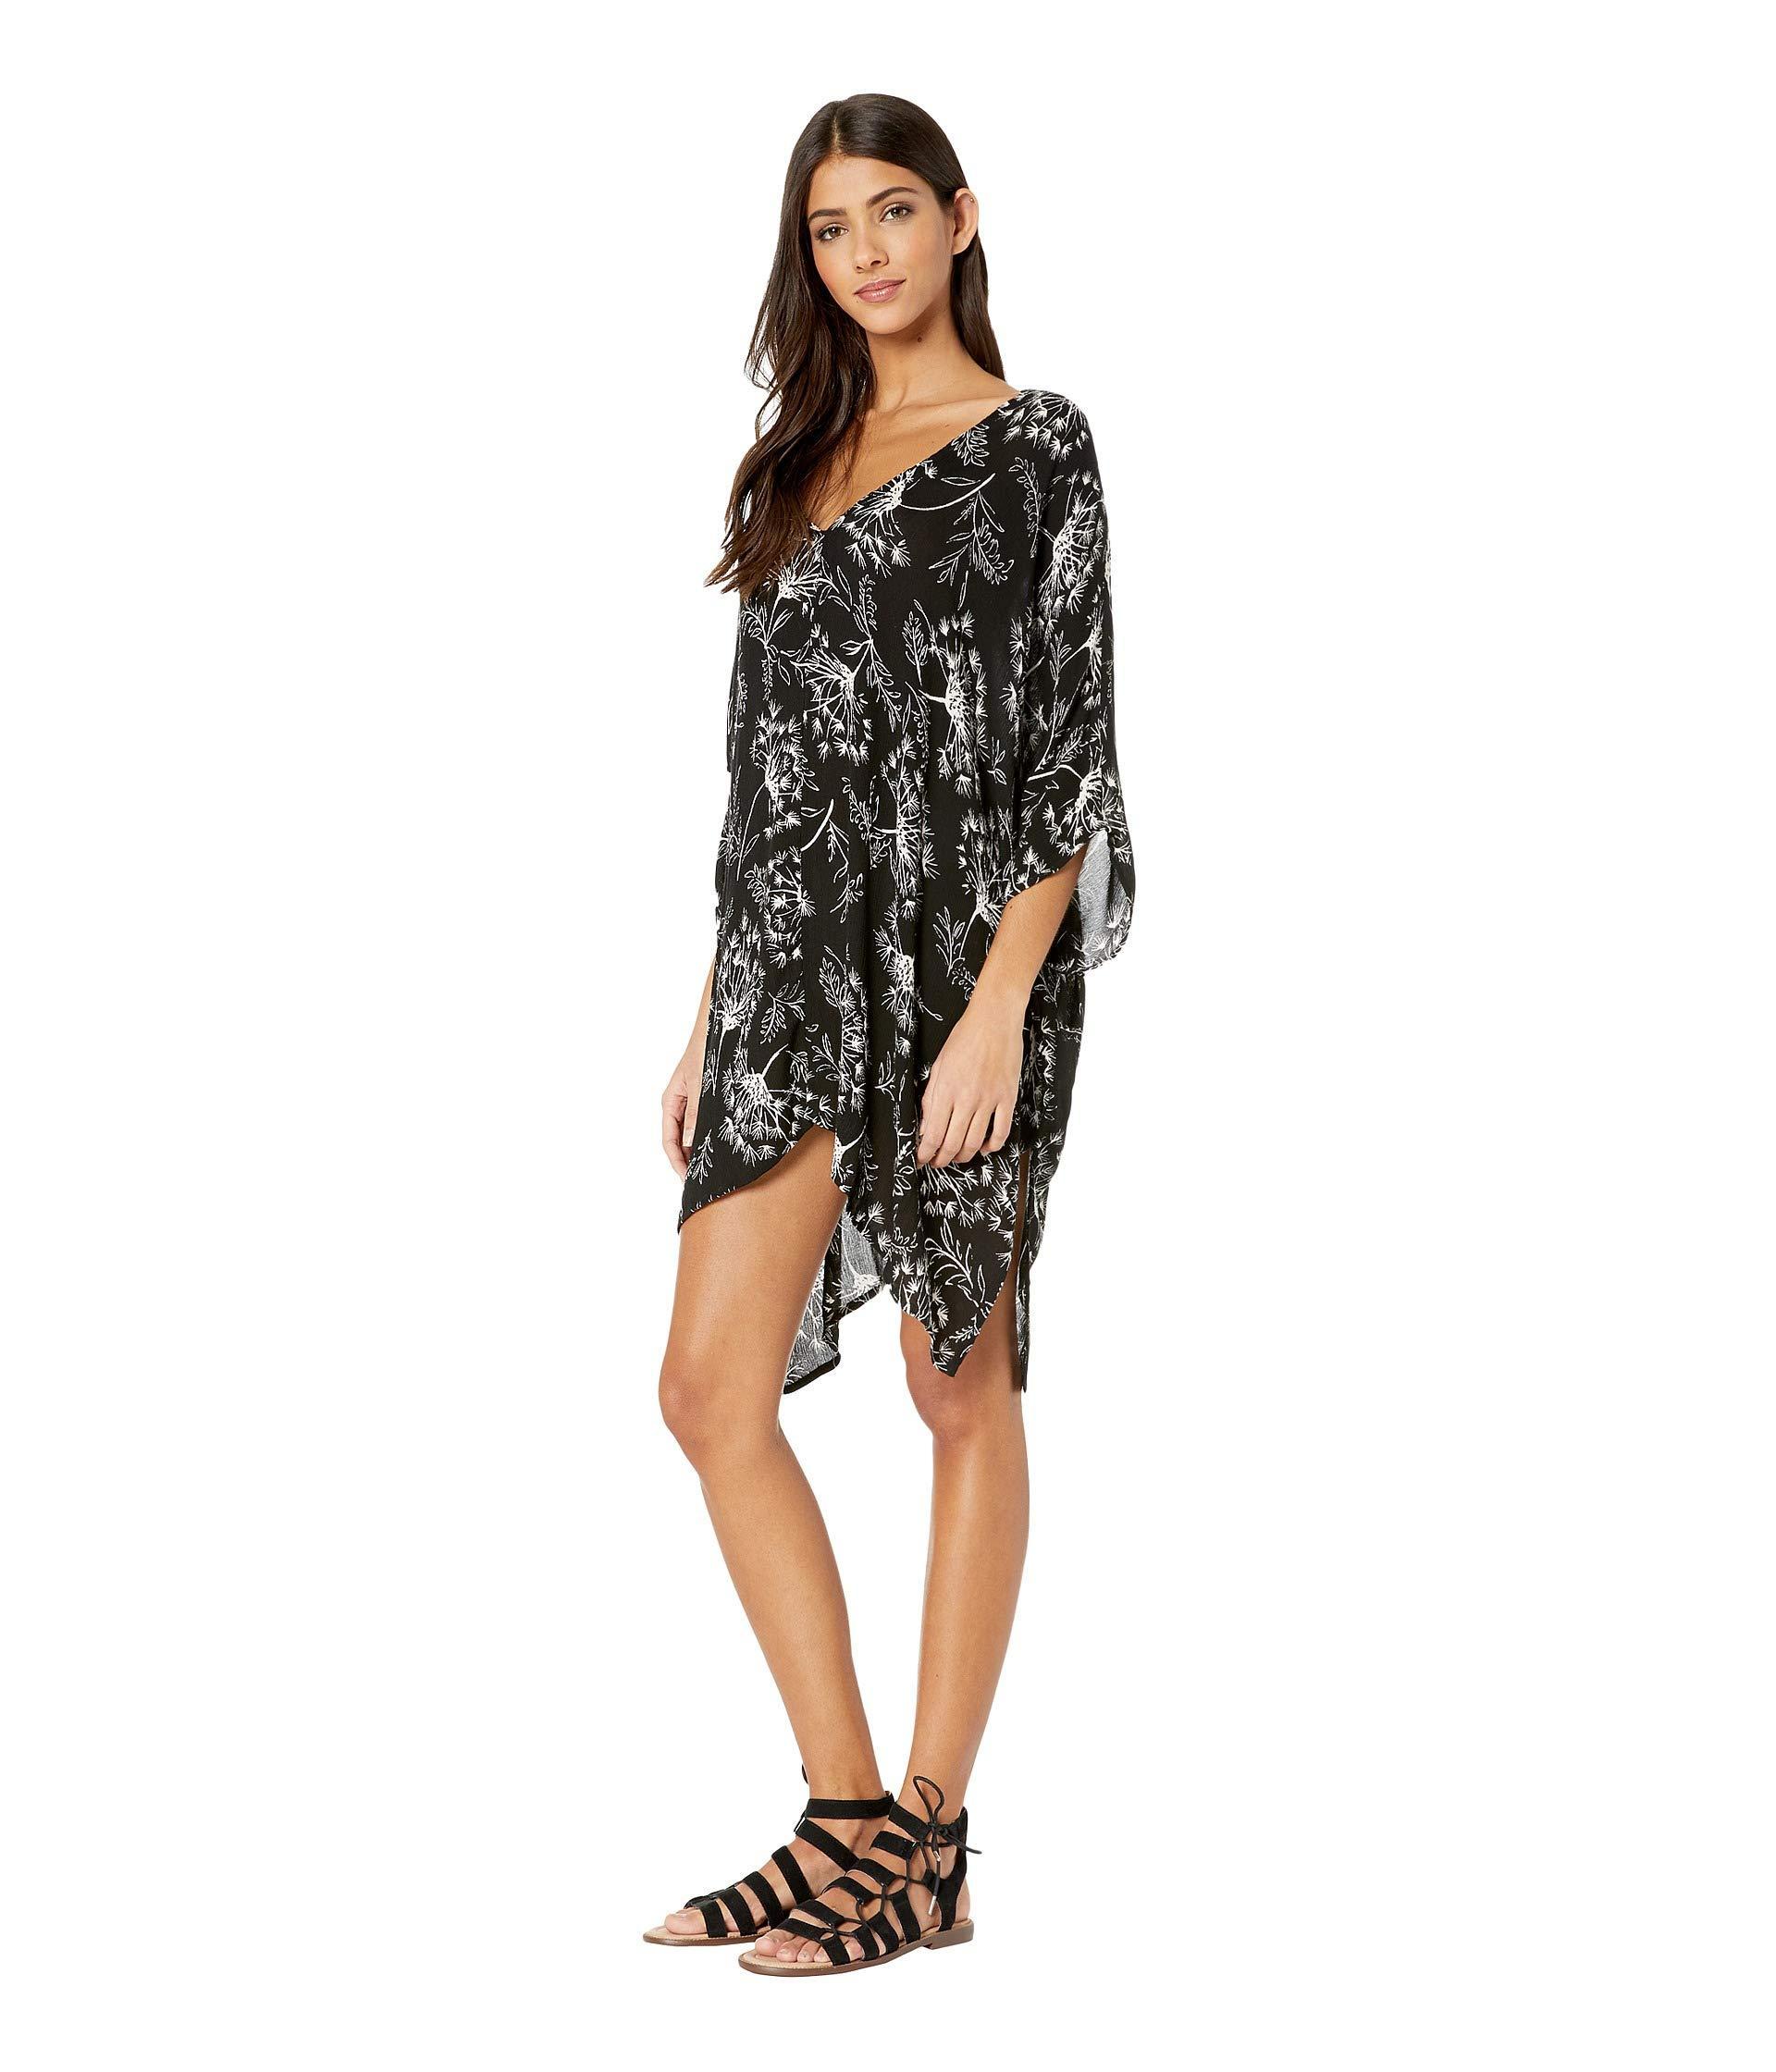 c239626808 Lyst - O neill Sportswear Tessa Cover-up (oatmeal) Women s Swimwear in Black